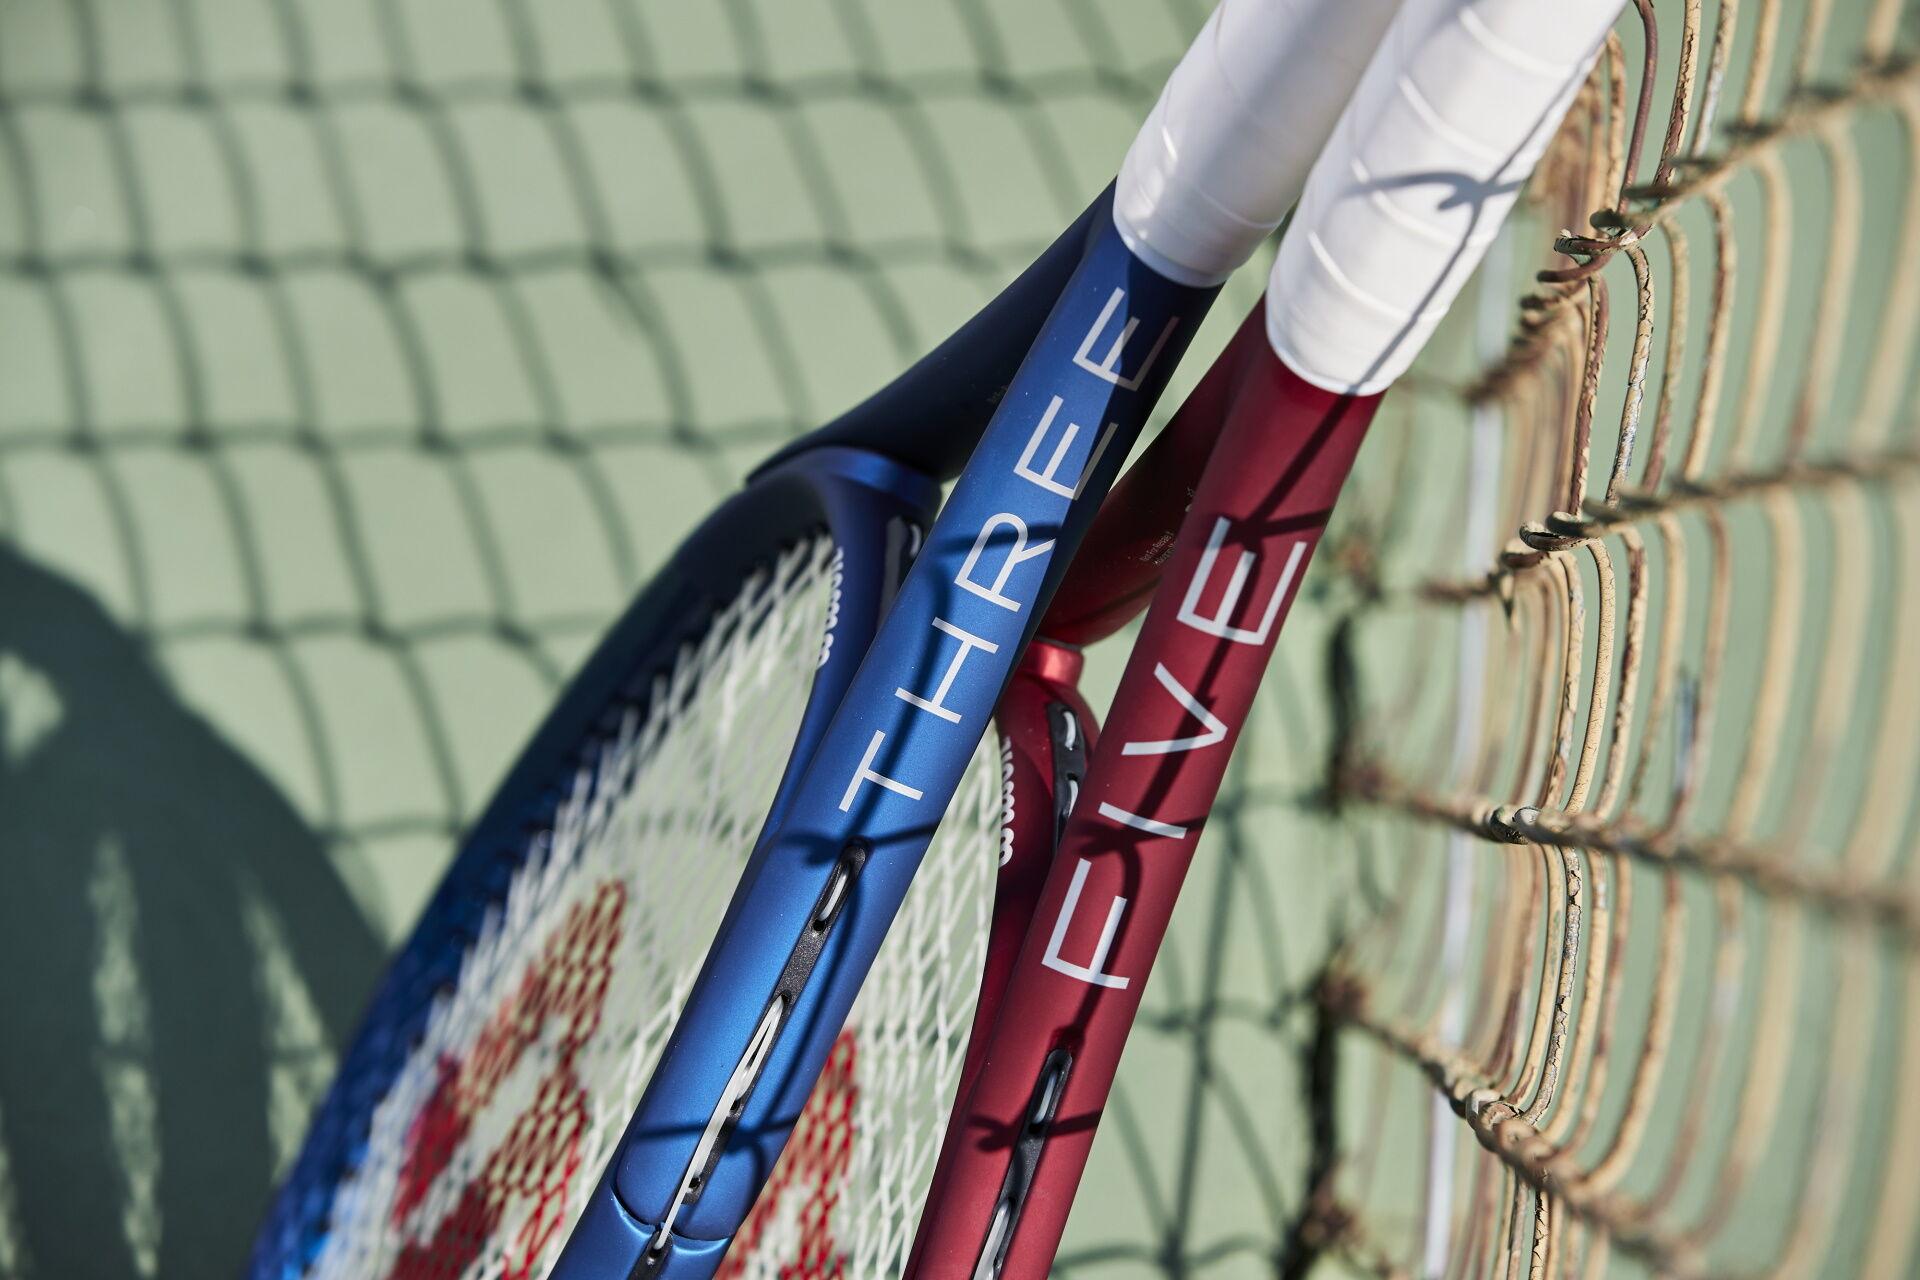 Wilson Triad Three és Five teniszütők a teniszpályán.